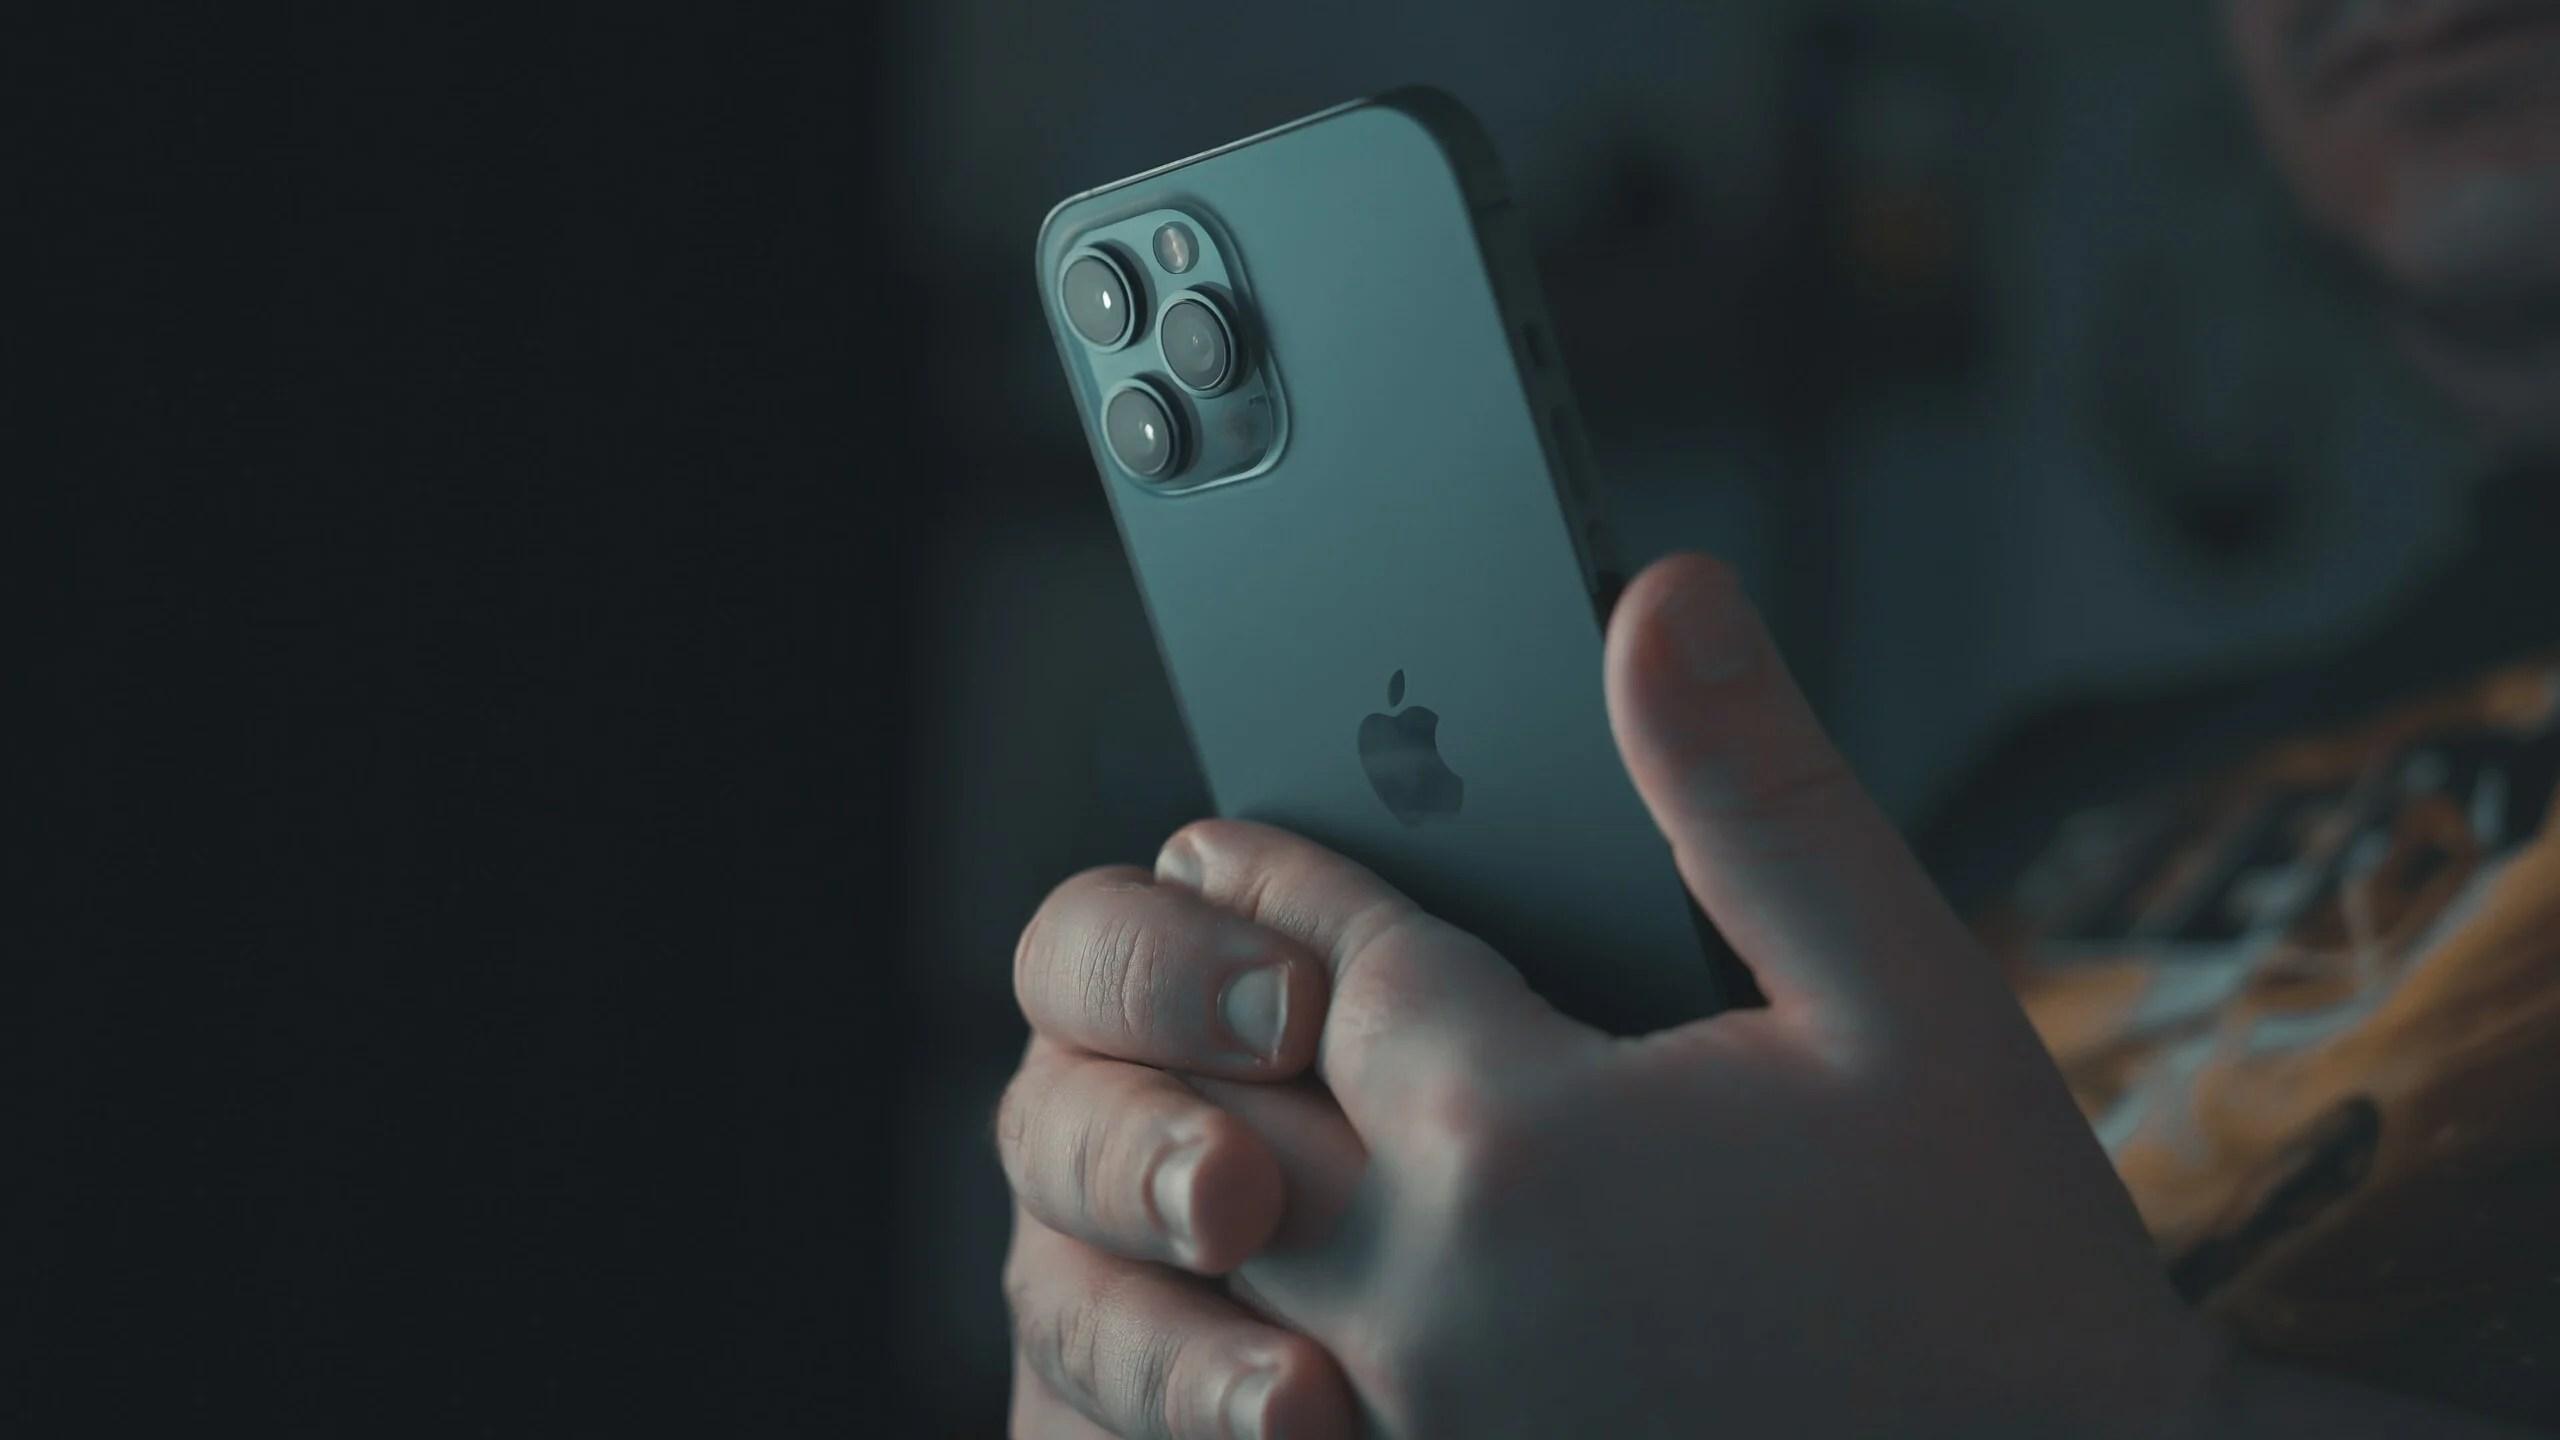 Comment Apple compte détecter automatiquement les images pédopornographiques sur les iPhone